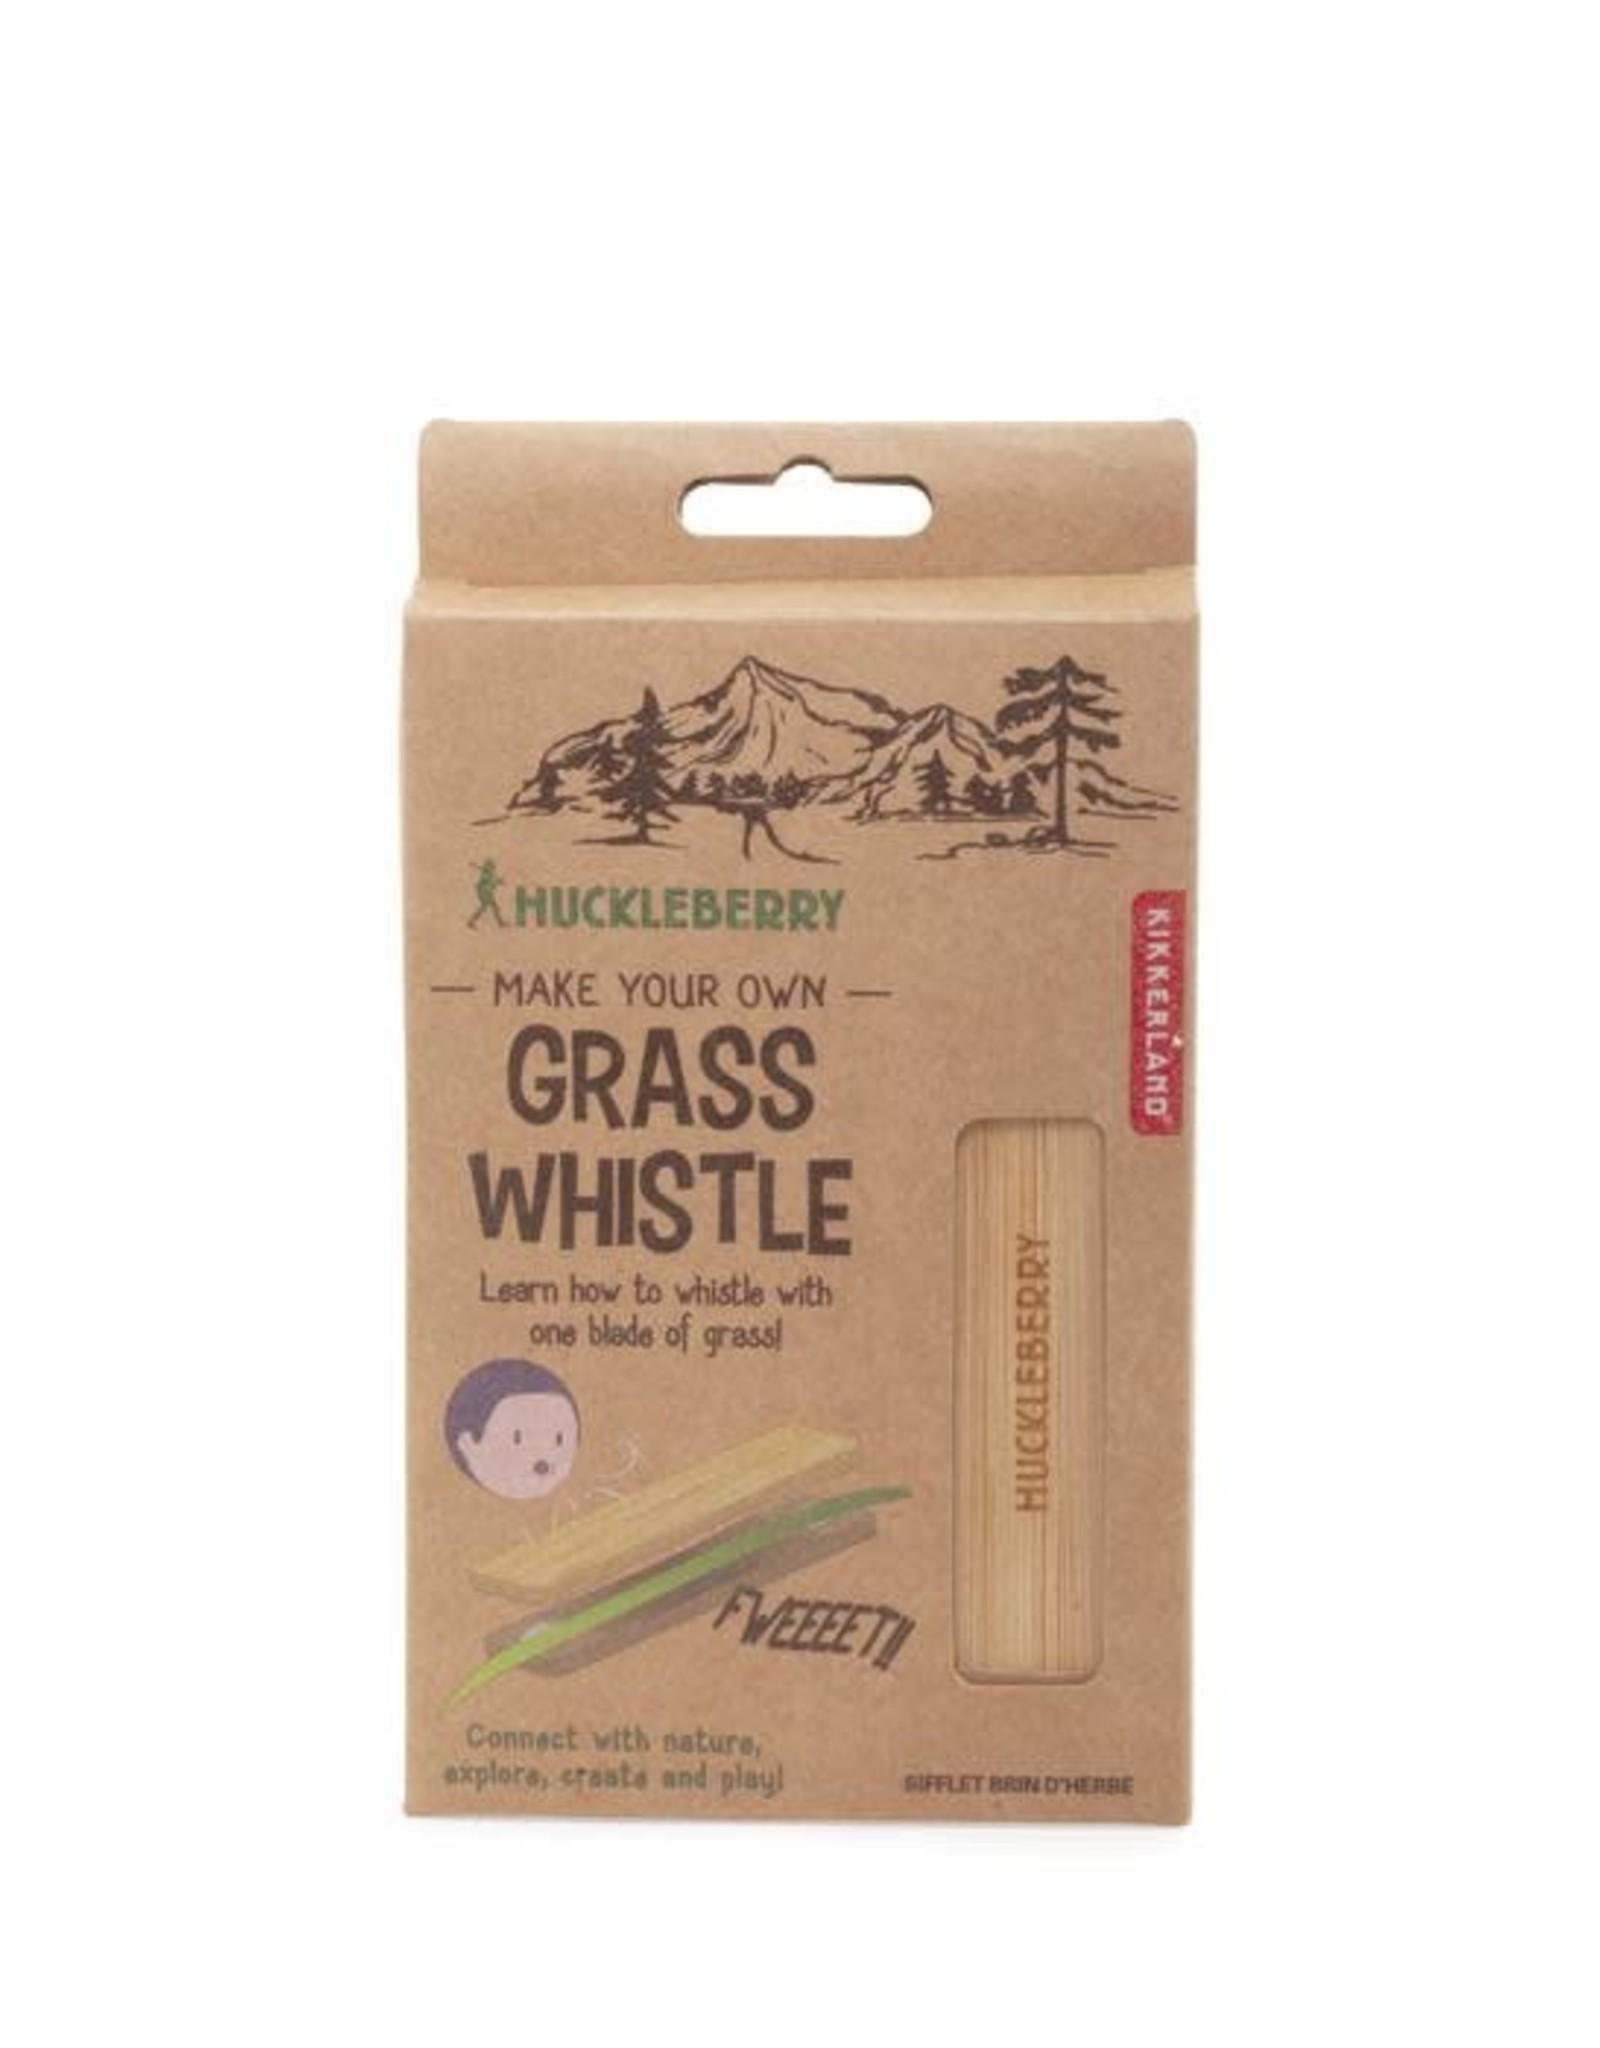 Kikkerland Huckleberry Grass Whistle